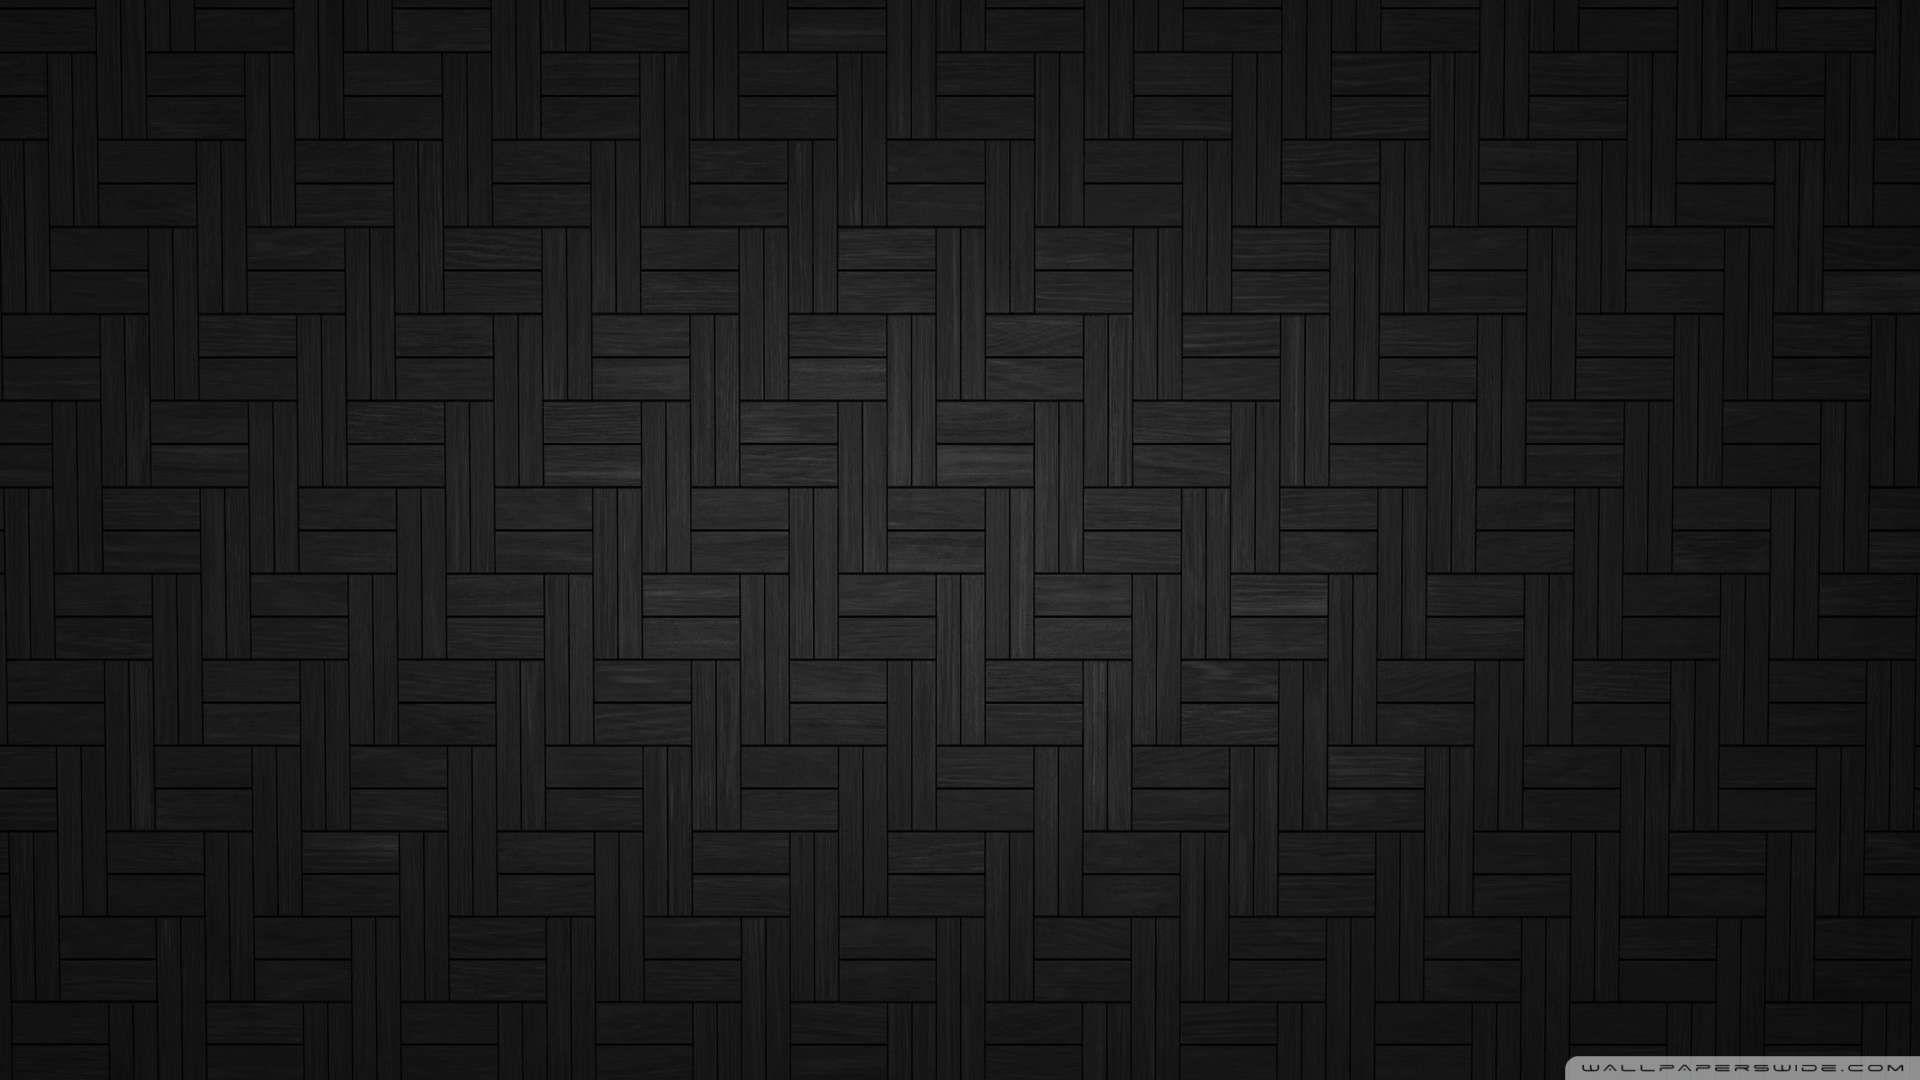 Dark wallpapers hd wallpaper 19201080 1080p dark wallpapers 42 dark wallpapers hd wallpaper 19201080 1080p dark wallpapers 42 wallpapers adorable voltagebd Gallery